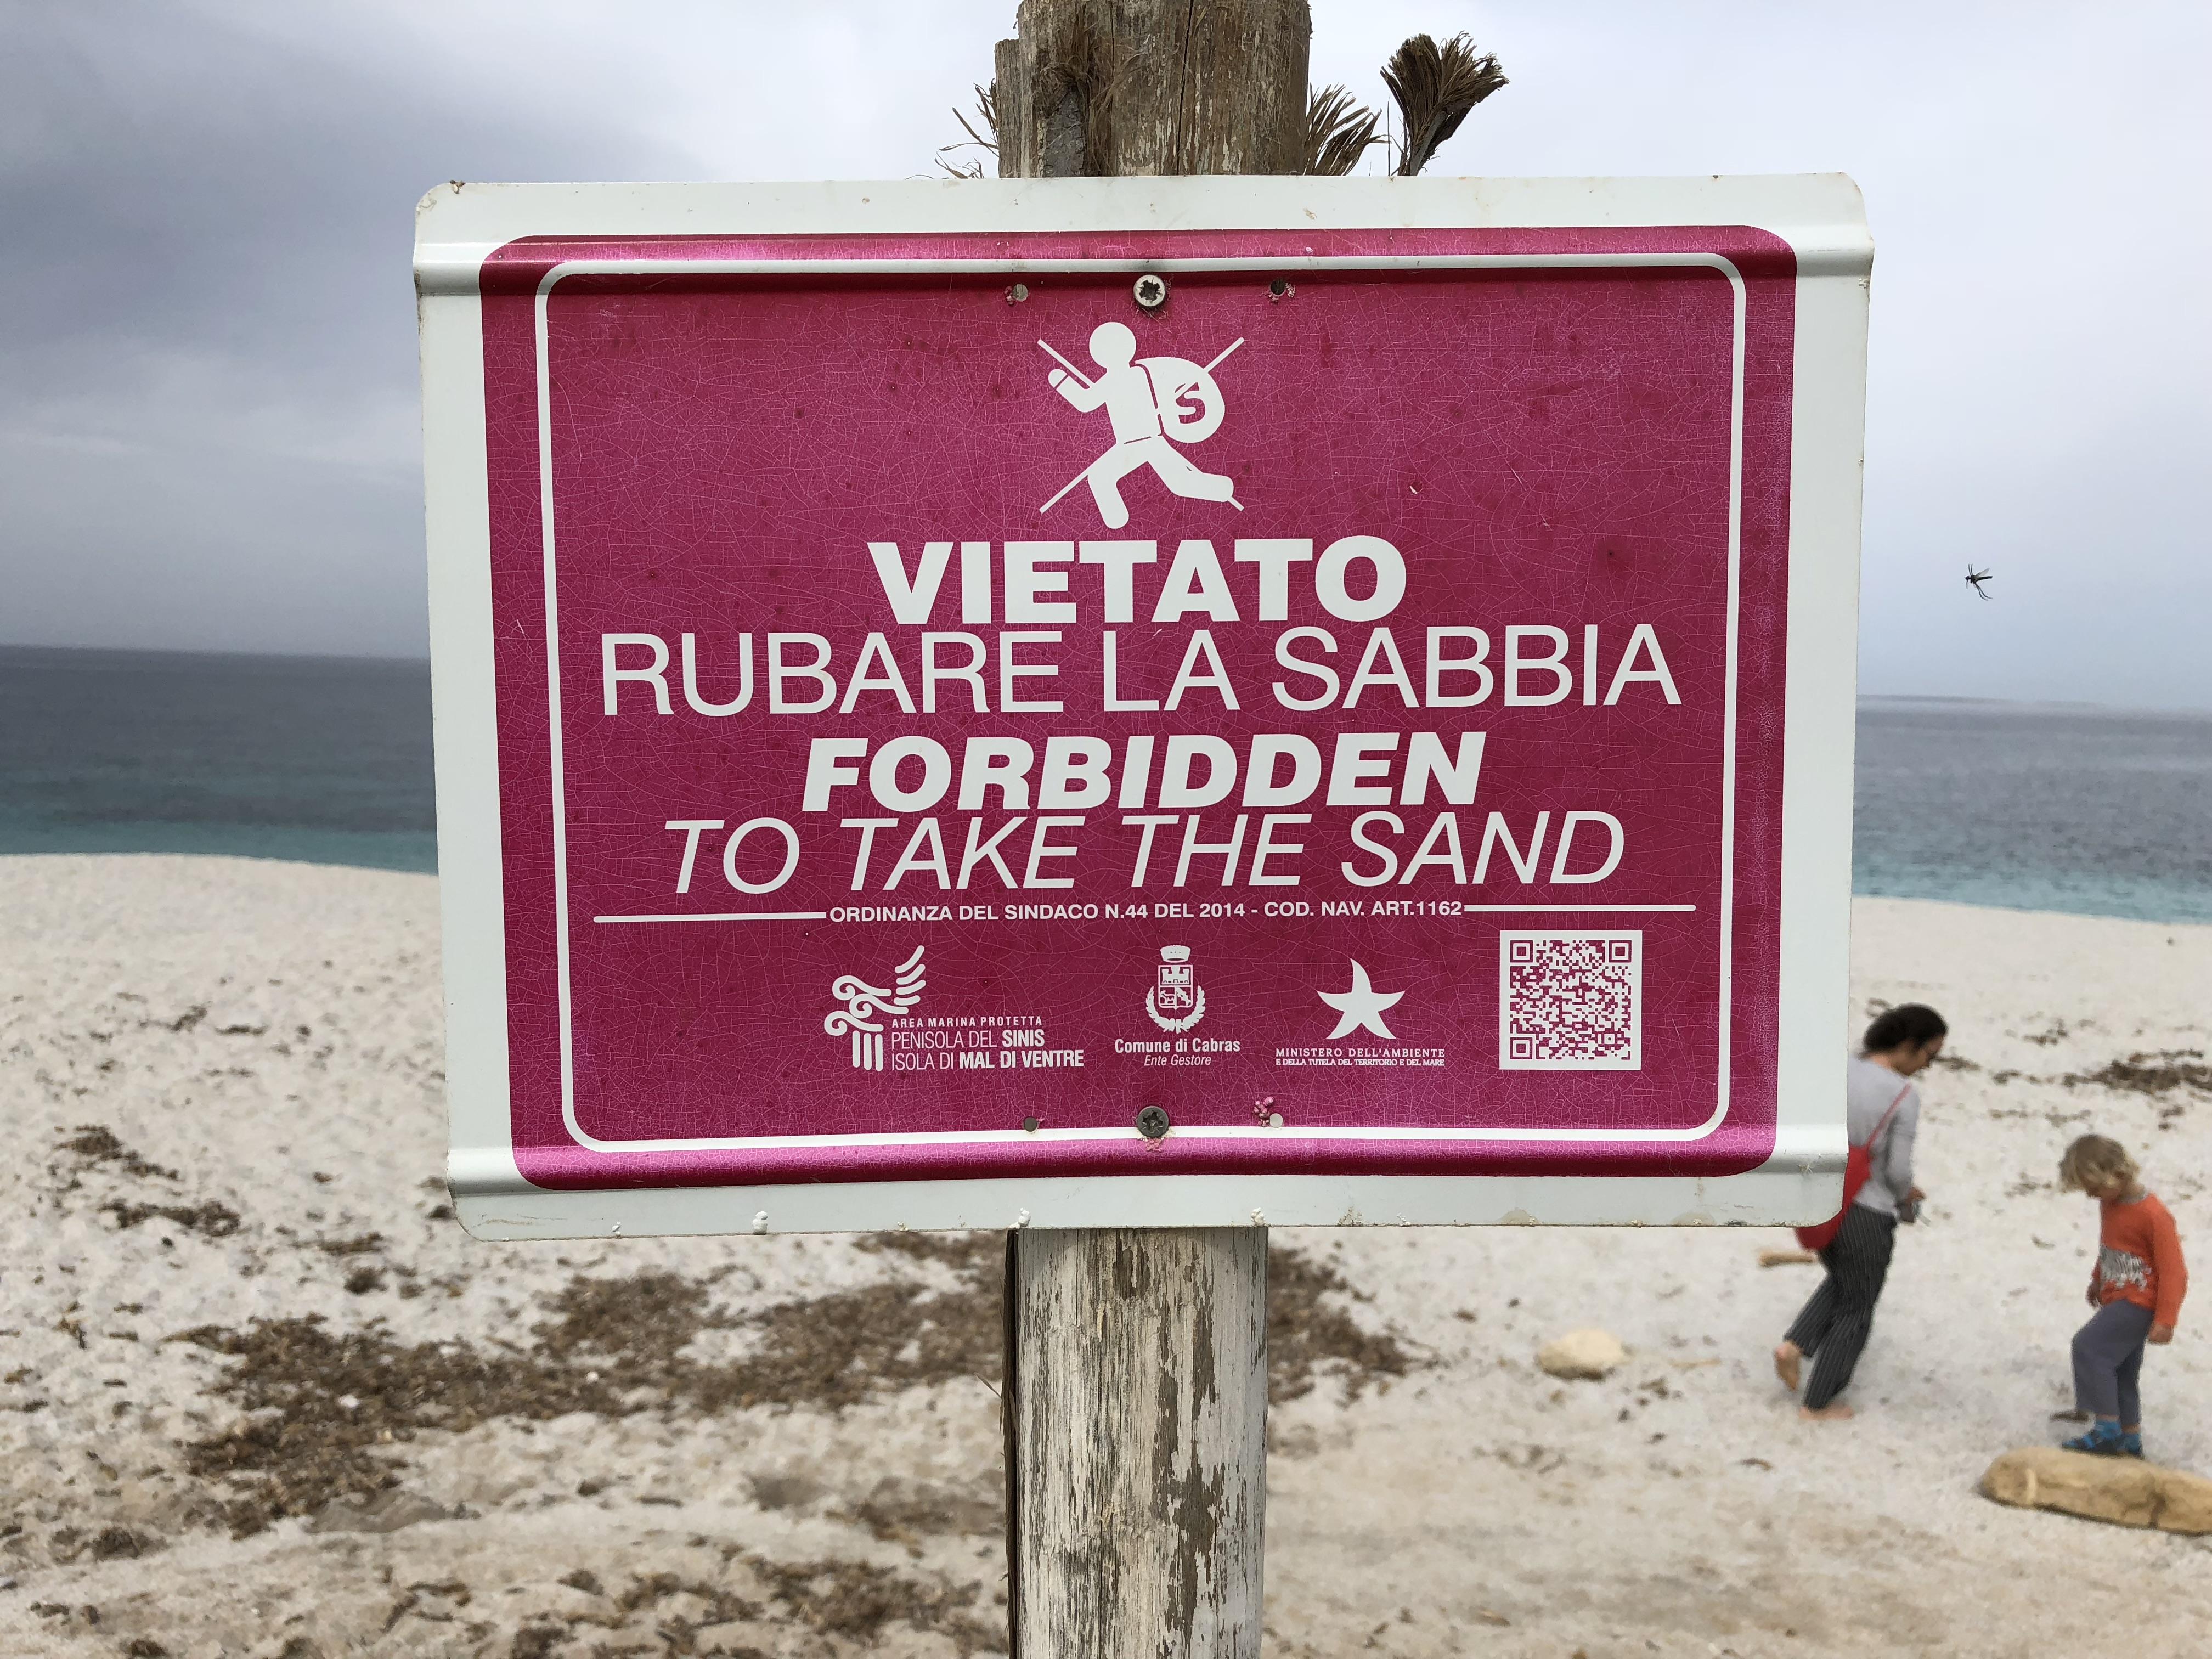 Negyven kiló homokkal csíptek el Szardínián egy francia párt